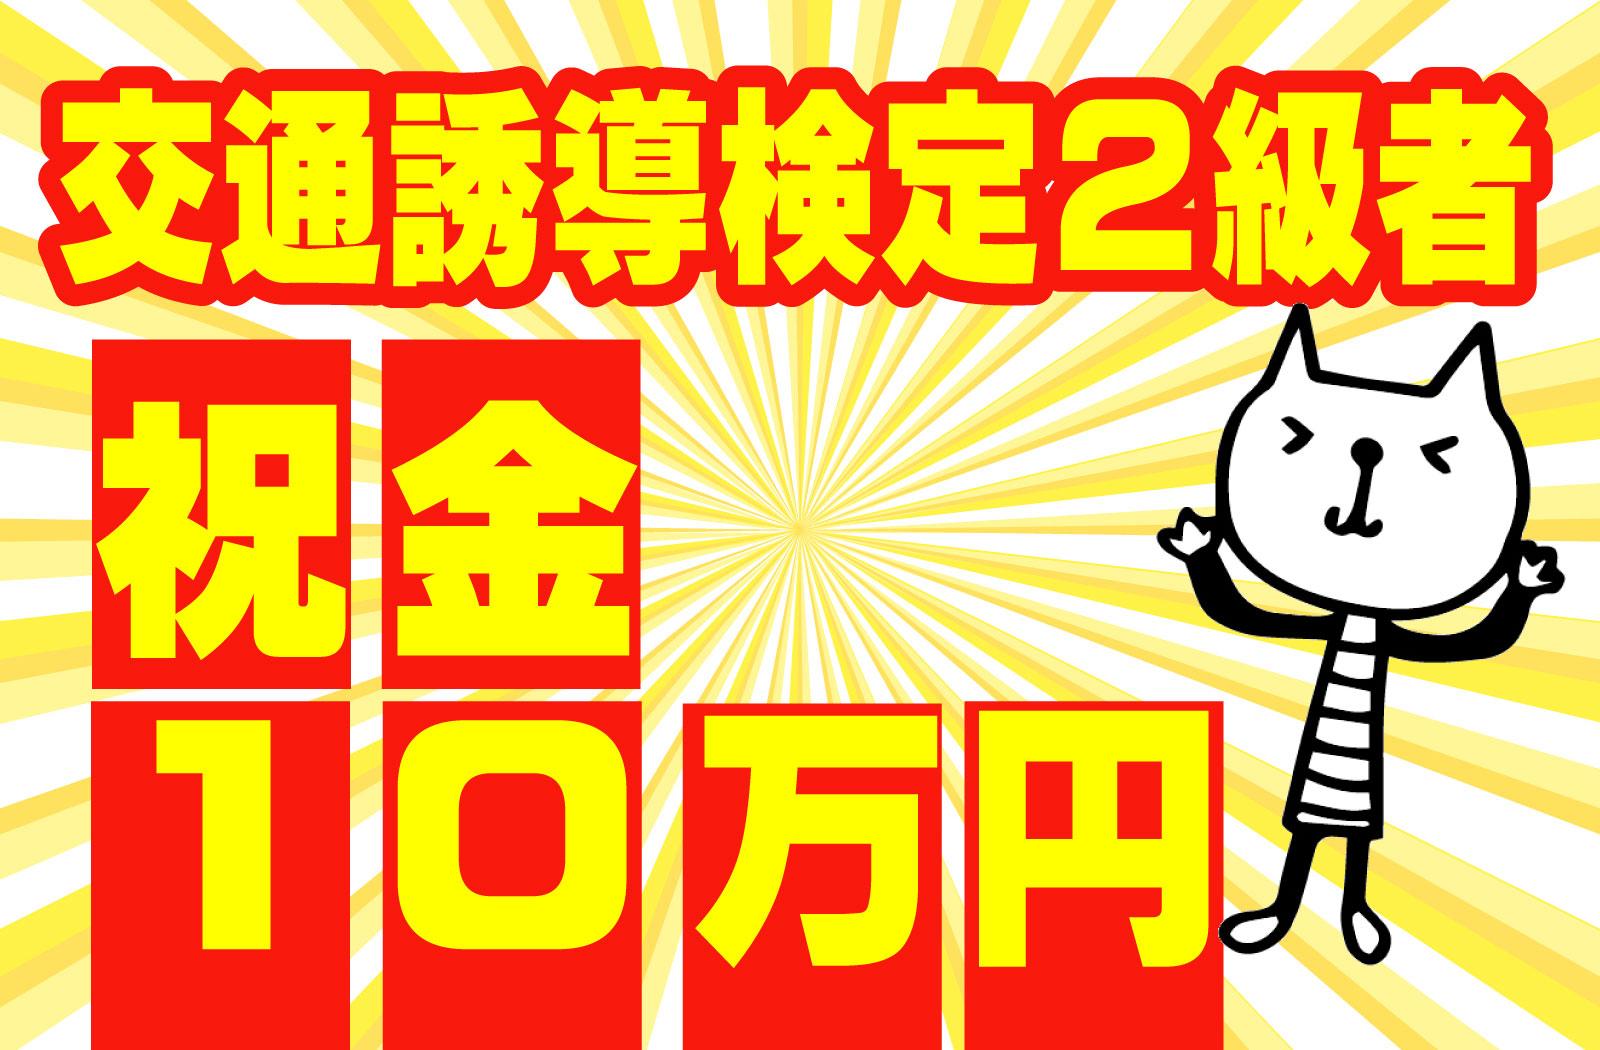 ★交通誘導2級所持者★祝金10万円★7月末までの期間限定★